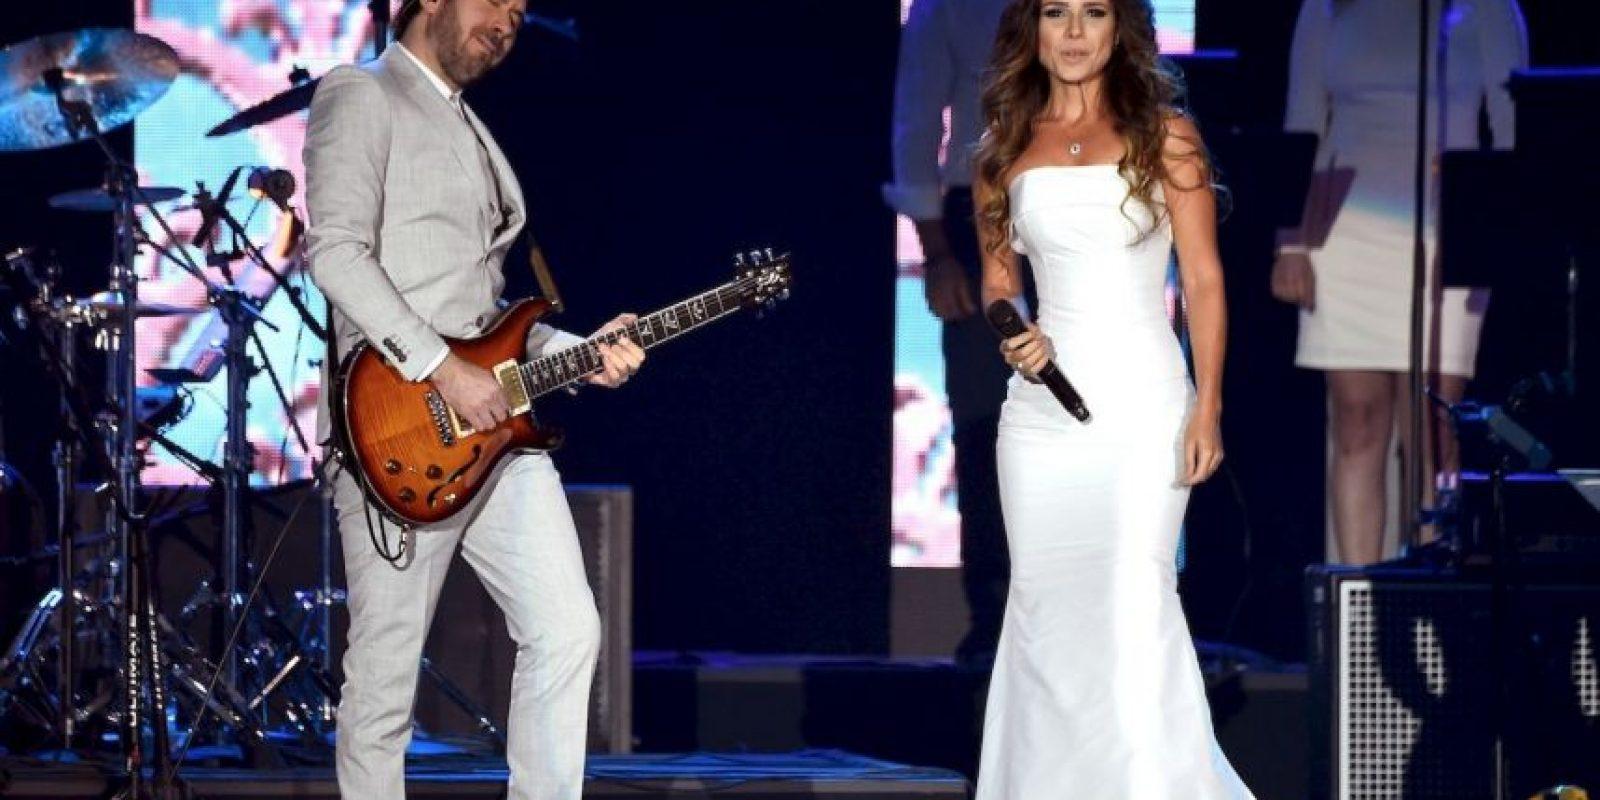 Artistas como Alejandro Sanz, Camila, Melendi y el dueto Jesse & Joey interpretaron los mejores temas del intérprete. Foto:Getty Images